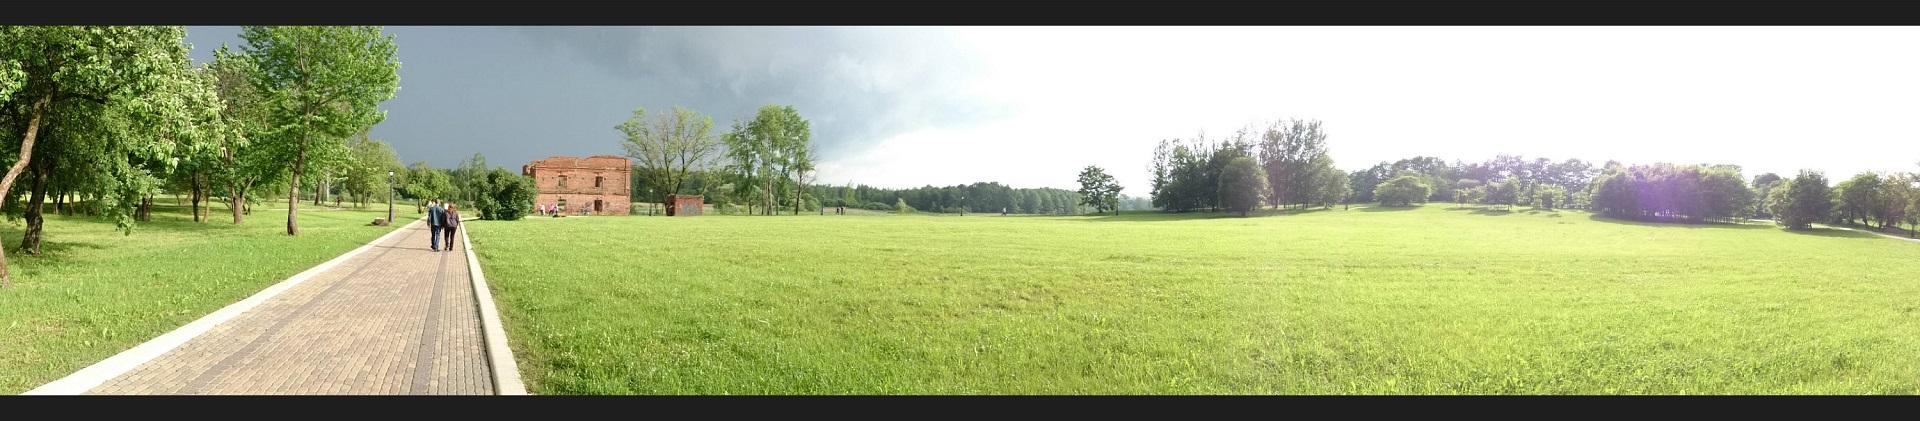 Обзор Xperia Z2, камера, панорама